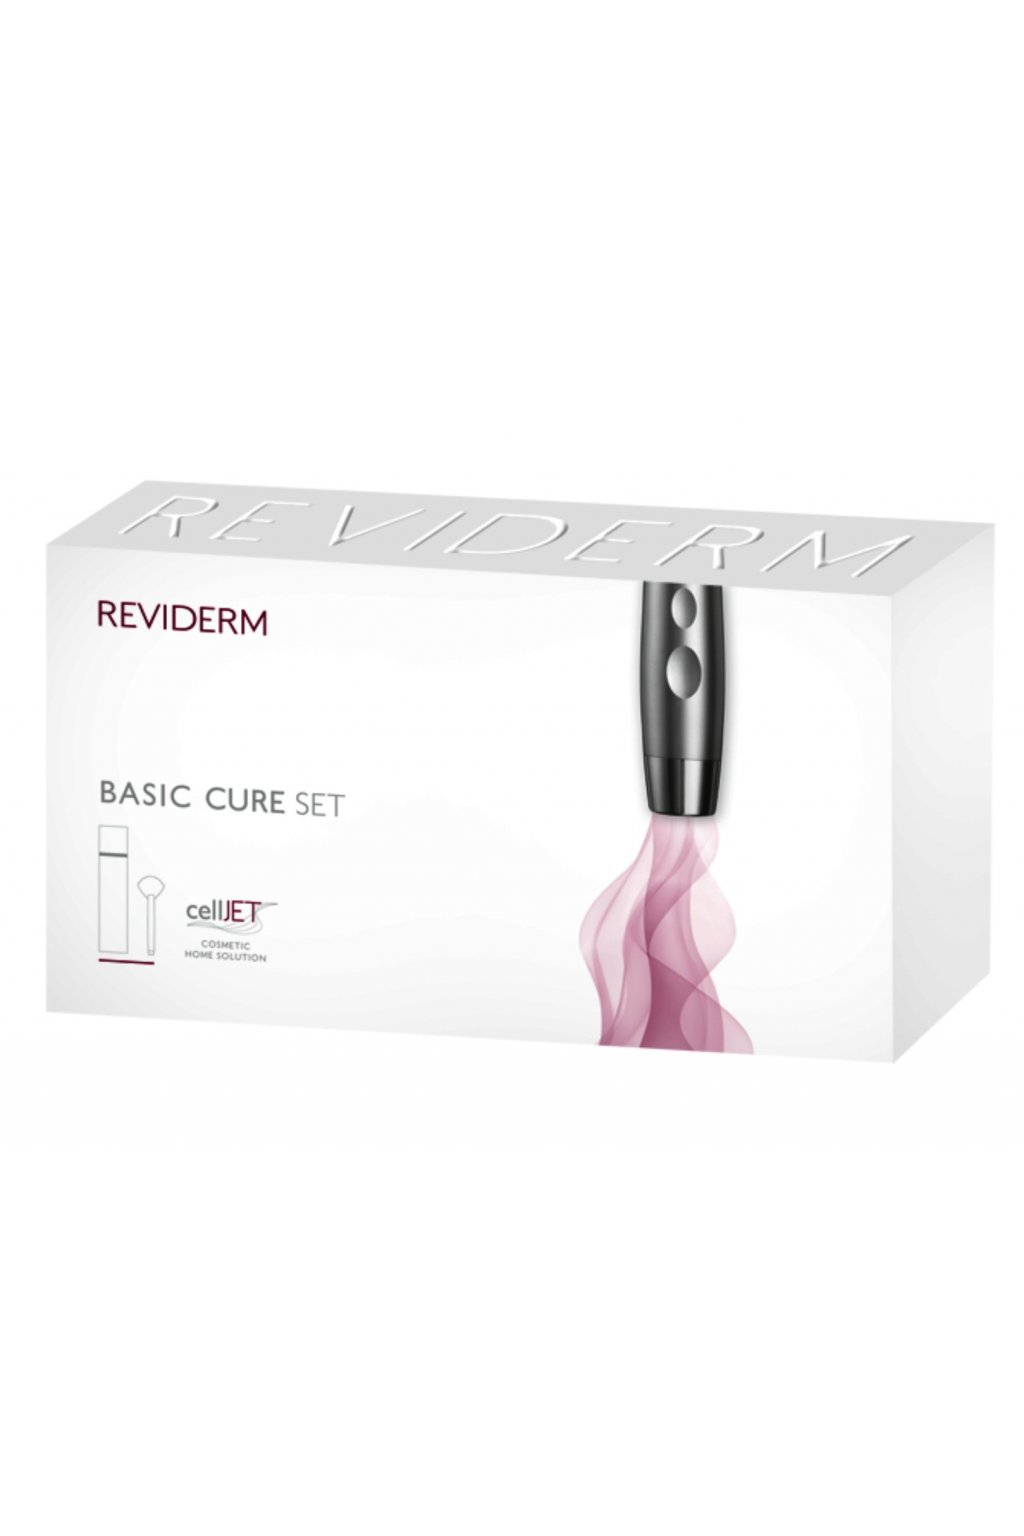 80129 cellJET Basic Cure Set